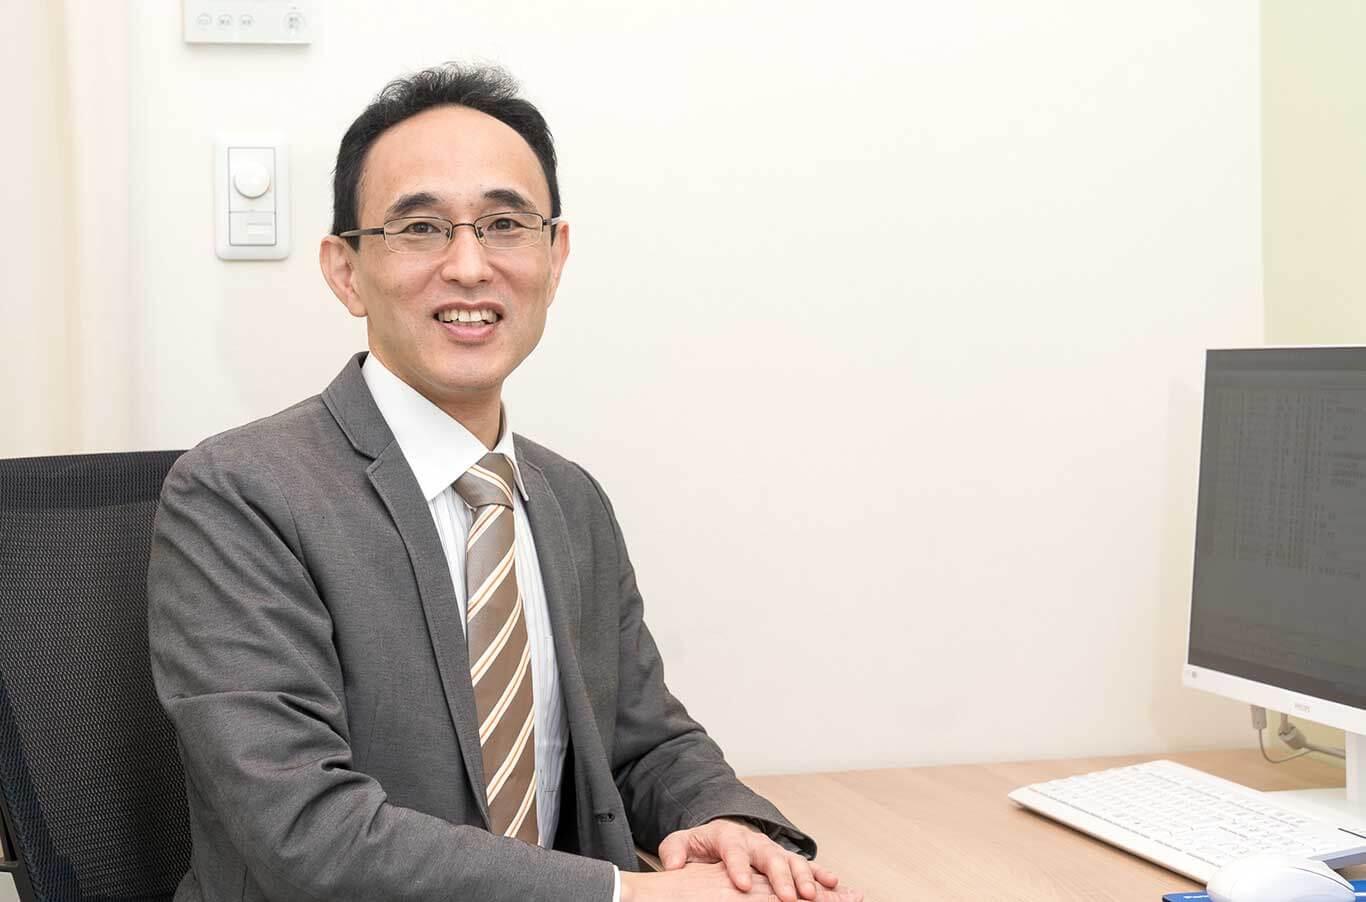 東京八重洲クリニック 整形外科 医師 藤間 保晶